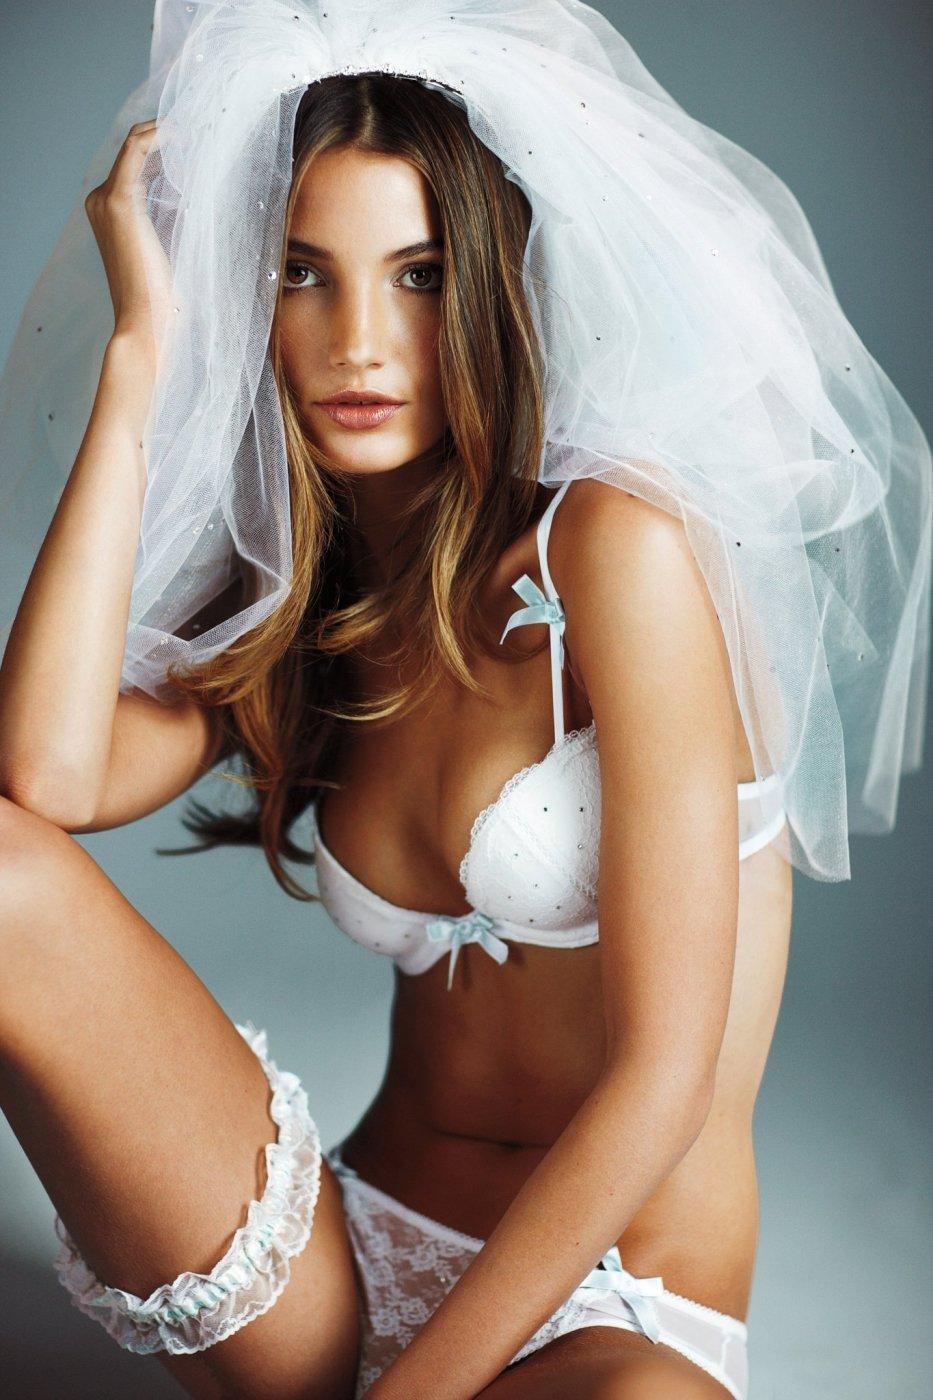 Видео нижнее белье невесты, брызгают смазкой порно